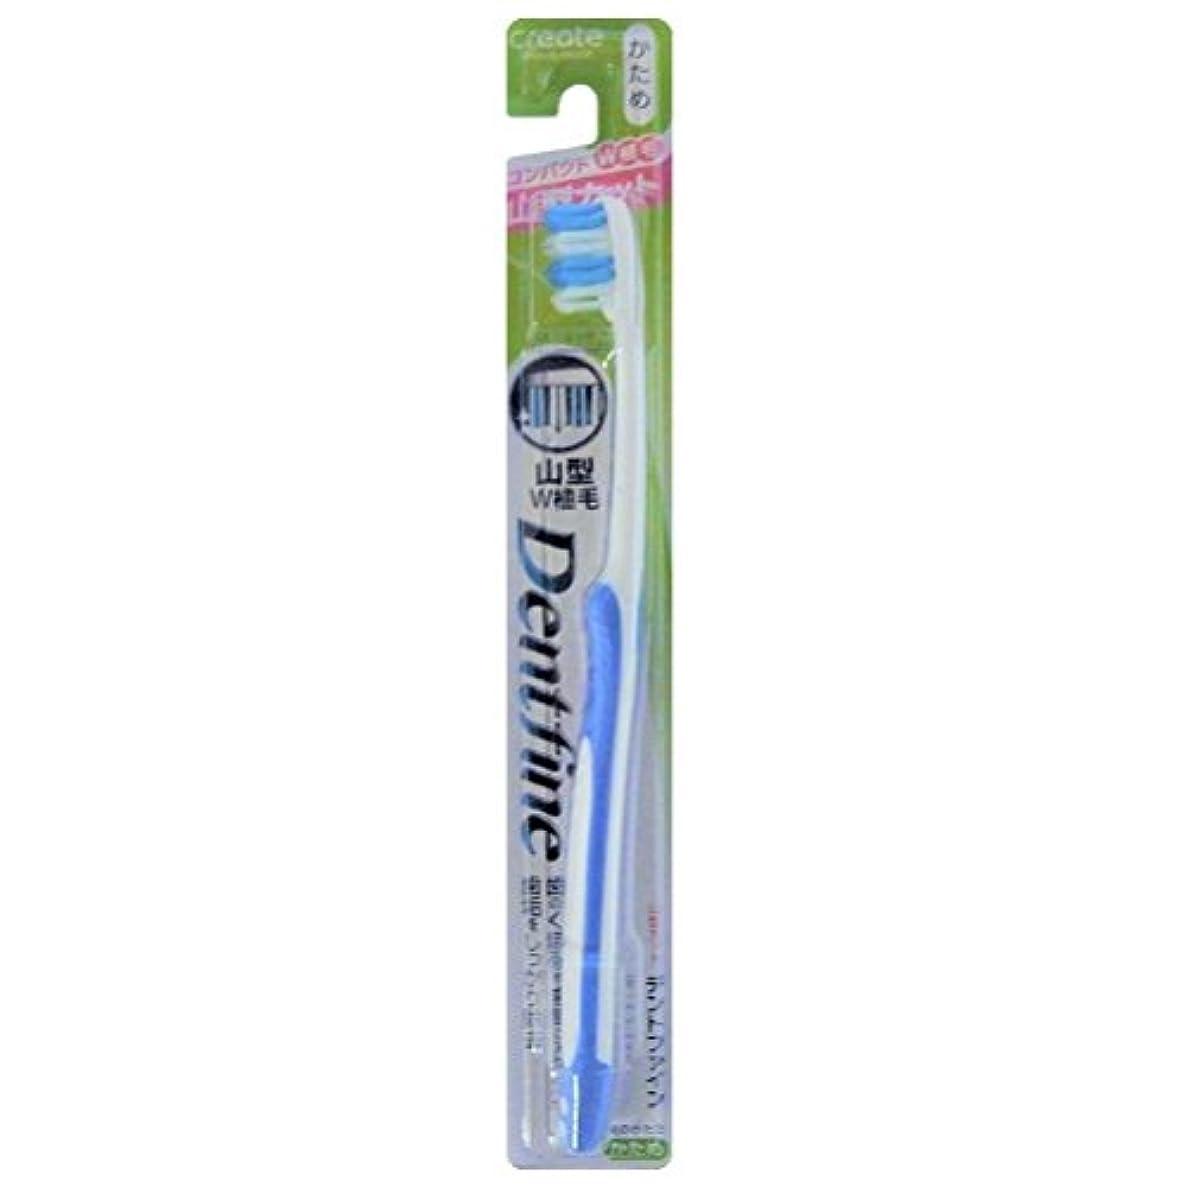 保証金居心地の良いクスコデントファイン ラバーグリップ 山切りカット 歯ブラシ かため 1本:ブルー